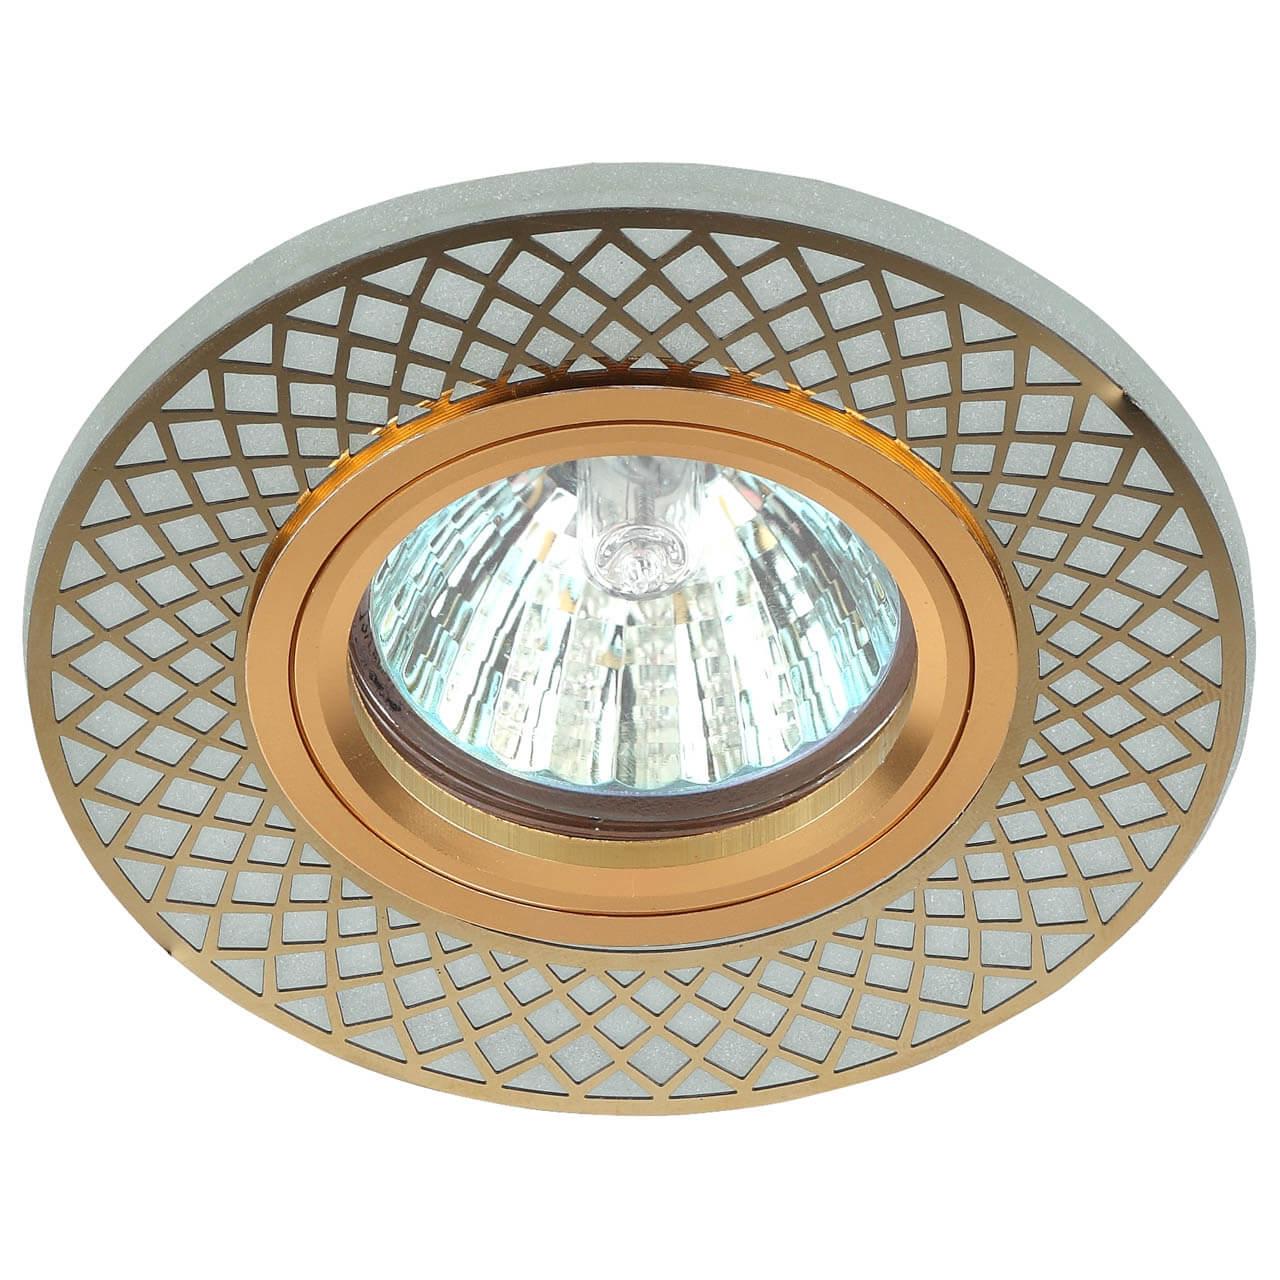 Точечный светильник ЭРА DK LD42 WH/GD elvan точечный светильник elvan sd 8016 g wh